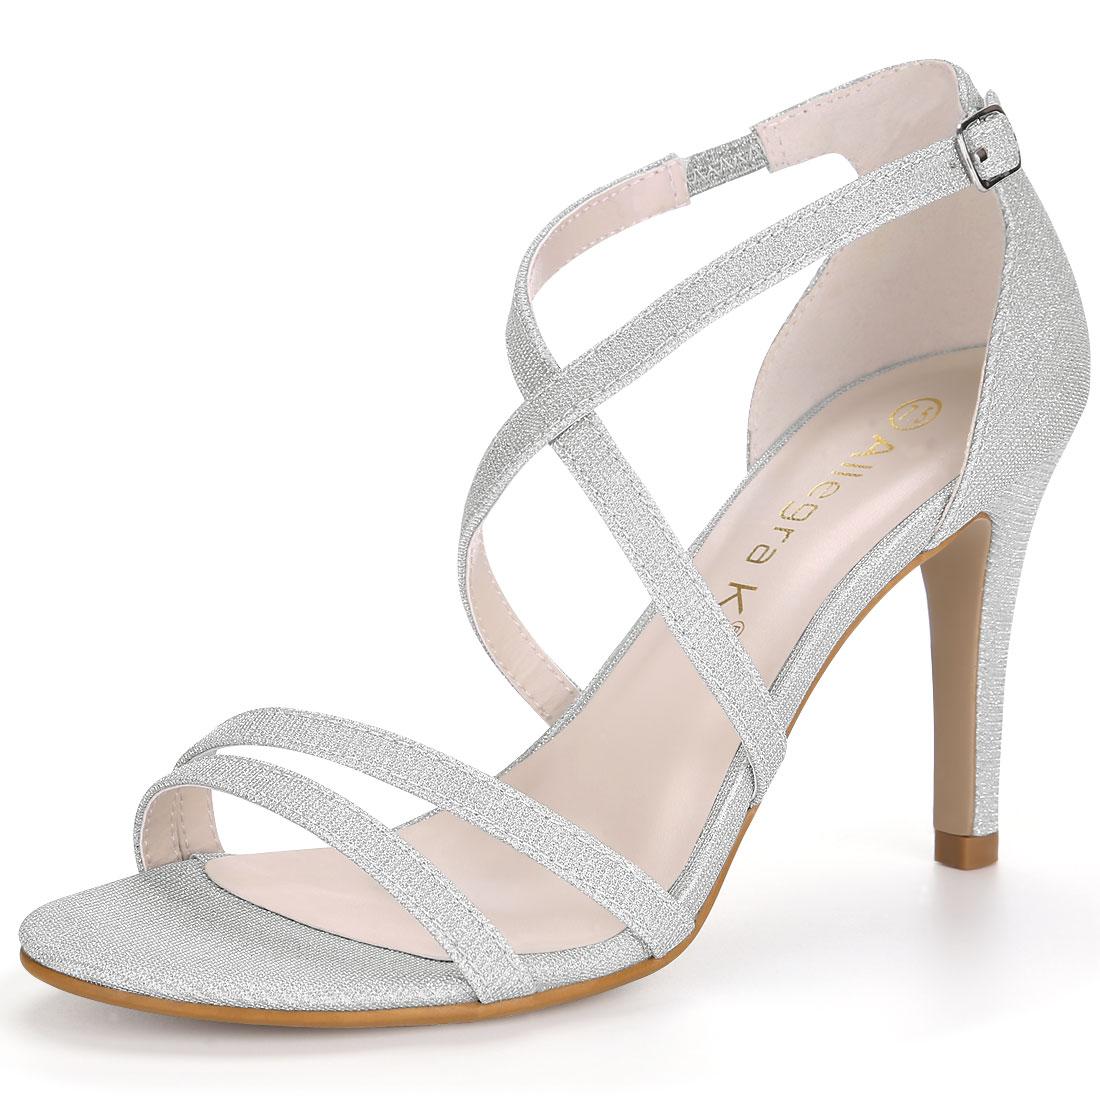 Allegra K Women's Glitter Design Stiletto Heel Strappy Sandals Silver US 8.5